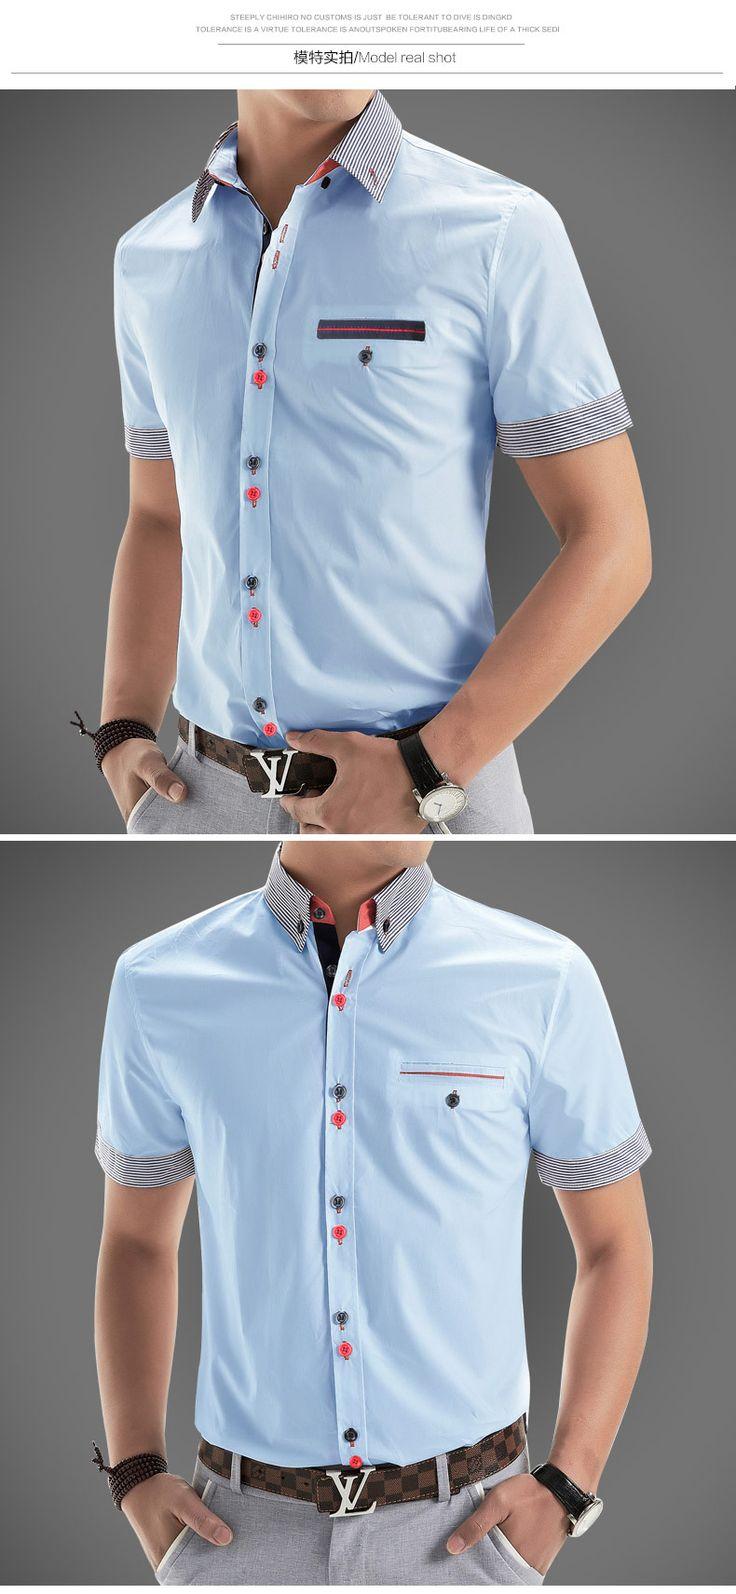 Aliexpress.com: Comprar 2016 nueva marca para hombre de manga corta para hombres Camisa Casual Slim Fit marca diseño Formal Camisa sociales chemise homme de camisa de vestir de gran cantidad fiable proveedores en God of Freedom